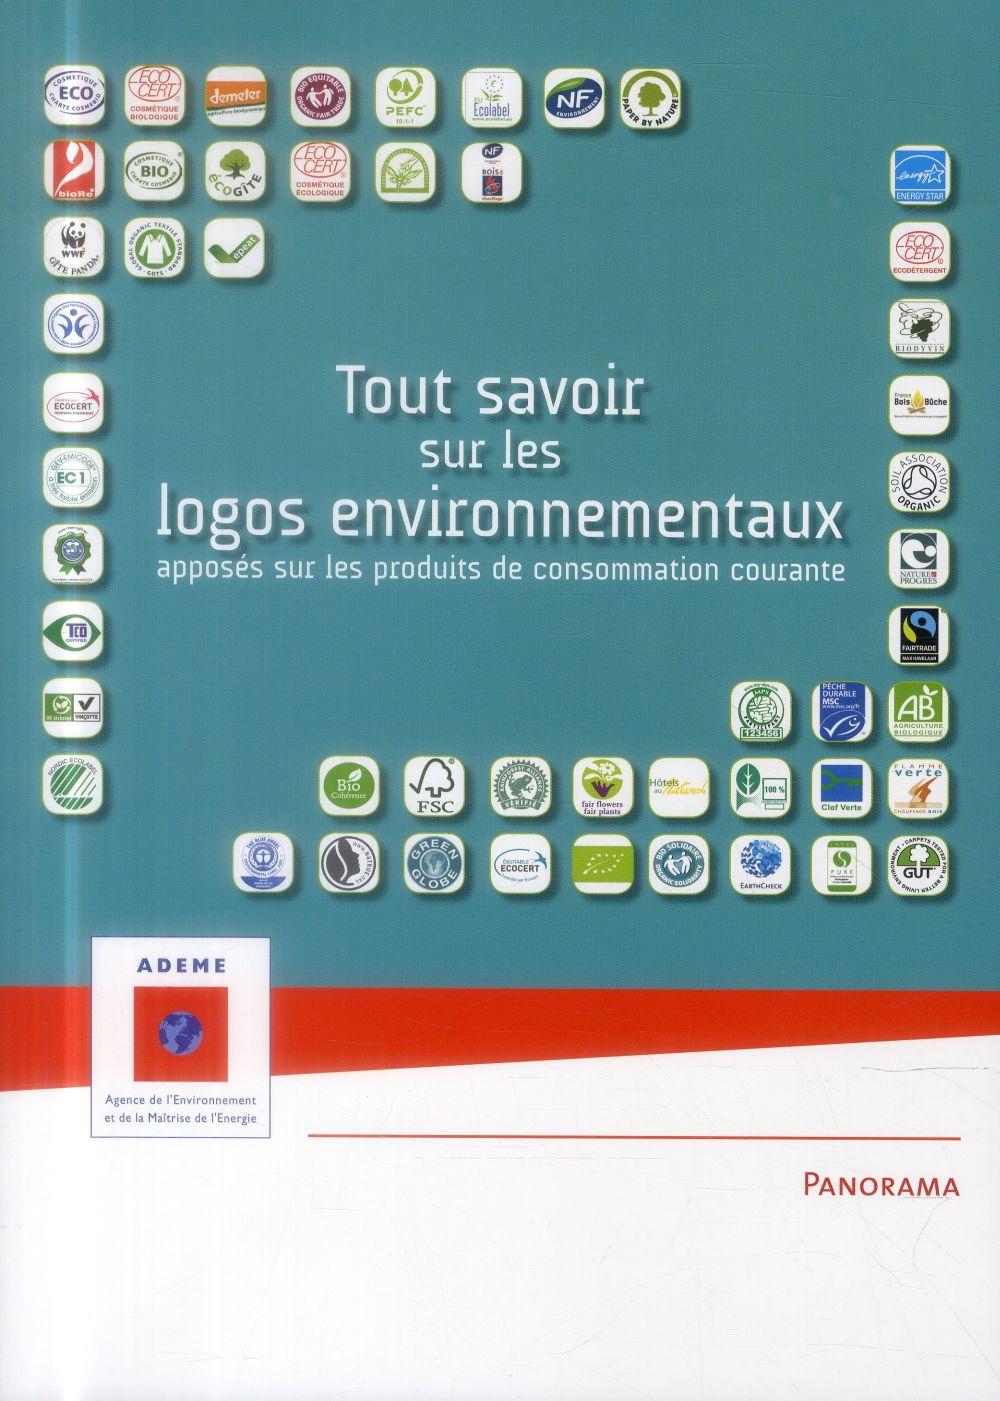 tout savoir sur les logos environnementaux  apposés sur les produits de consommation courante